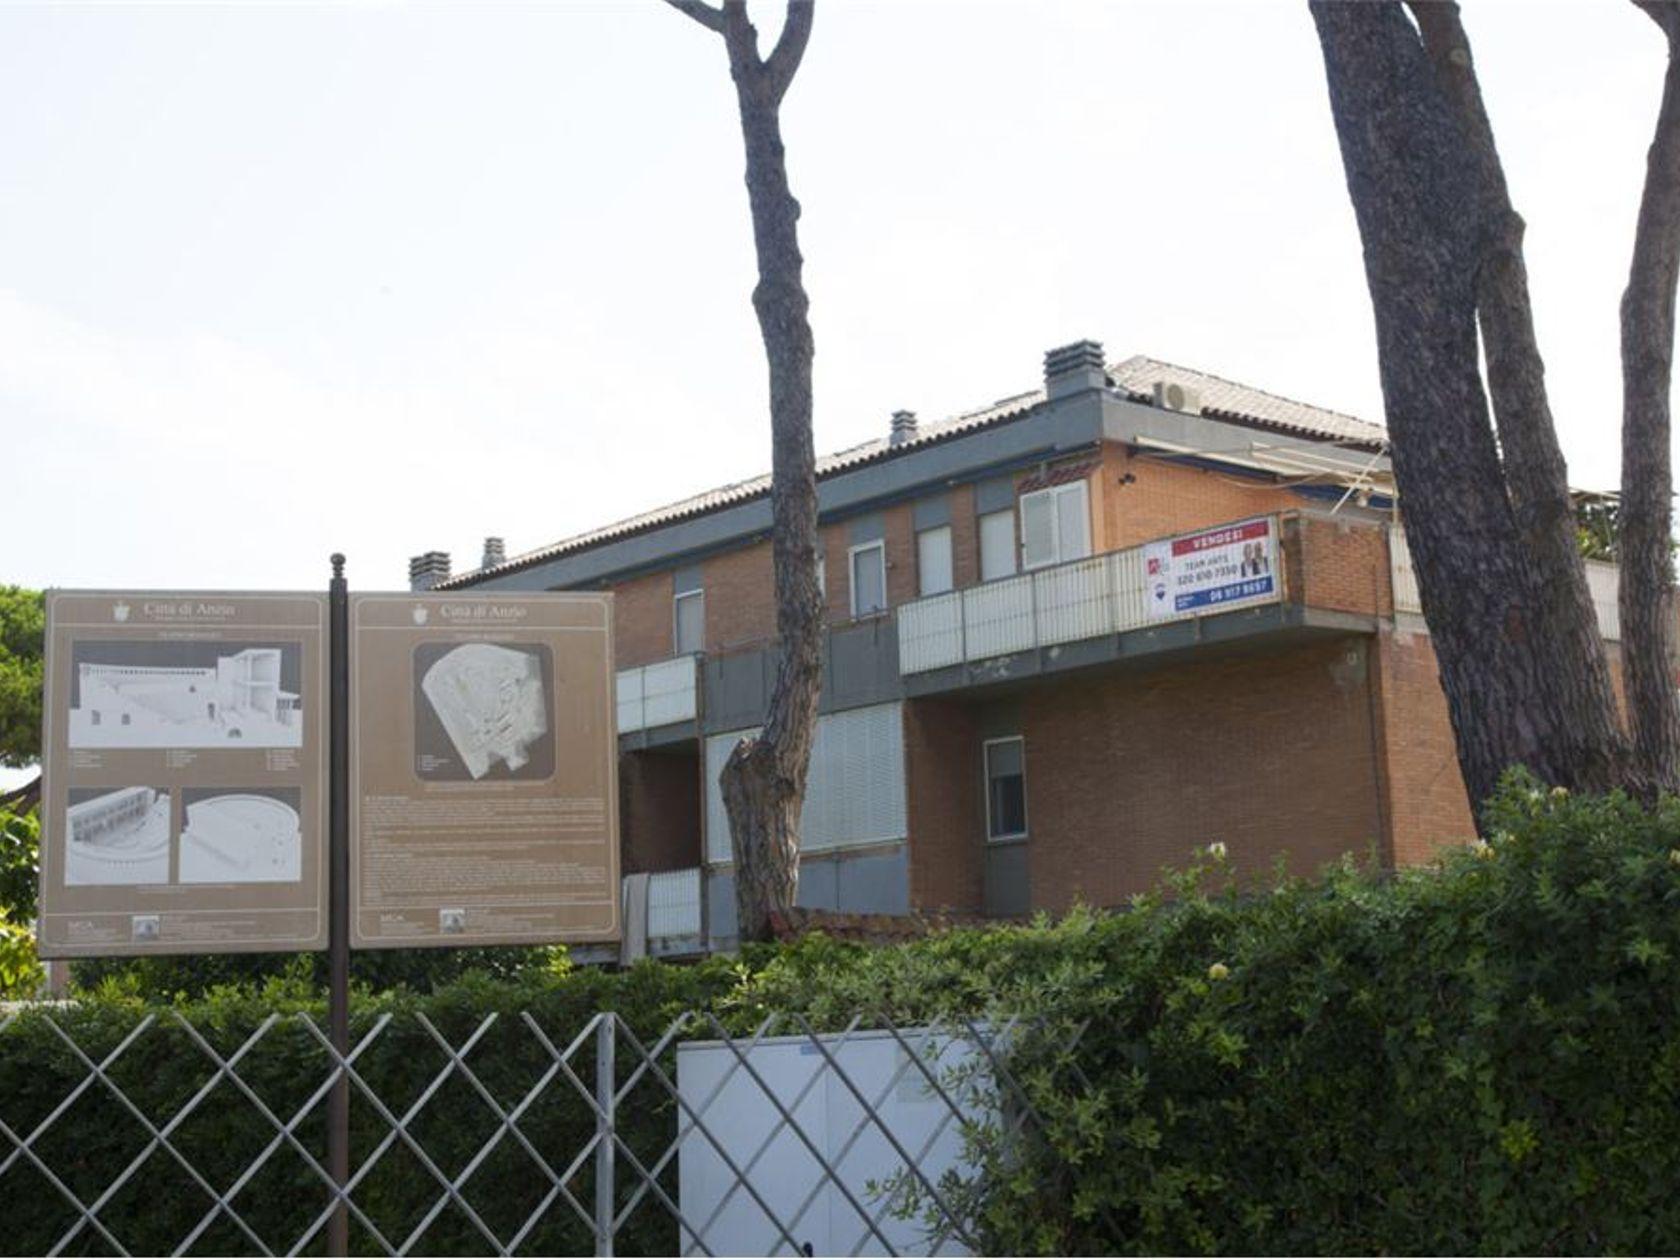 Attico/Mansarda Anzio-santa Teresa, Anzio, RM Vendita - Foto 41